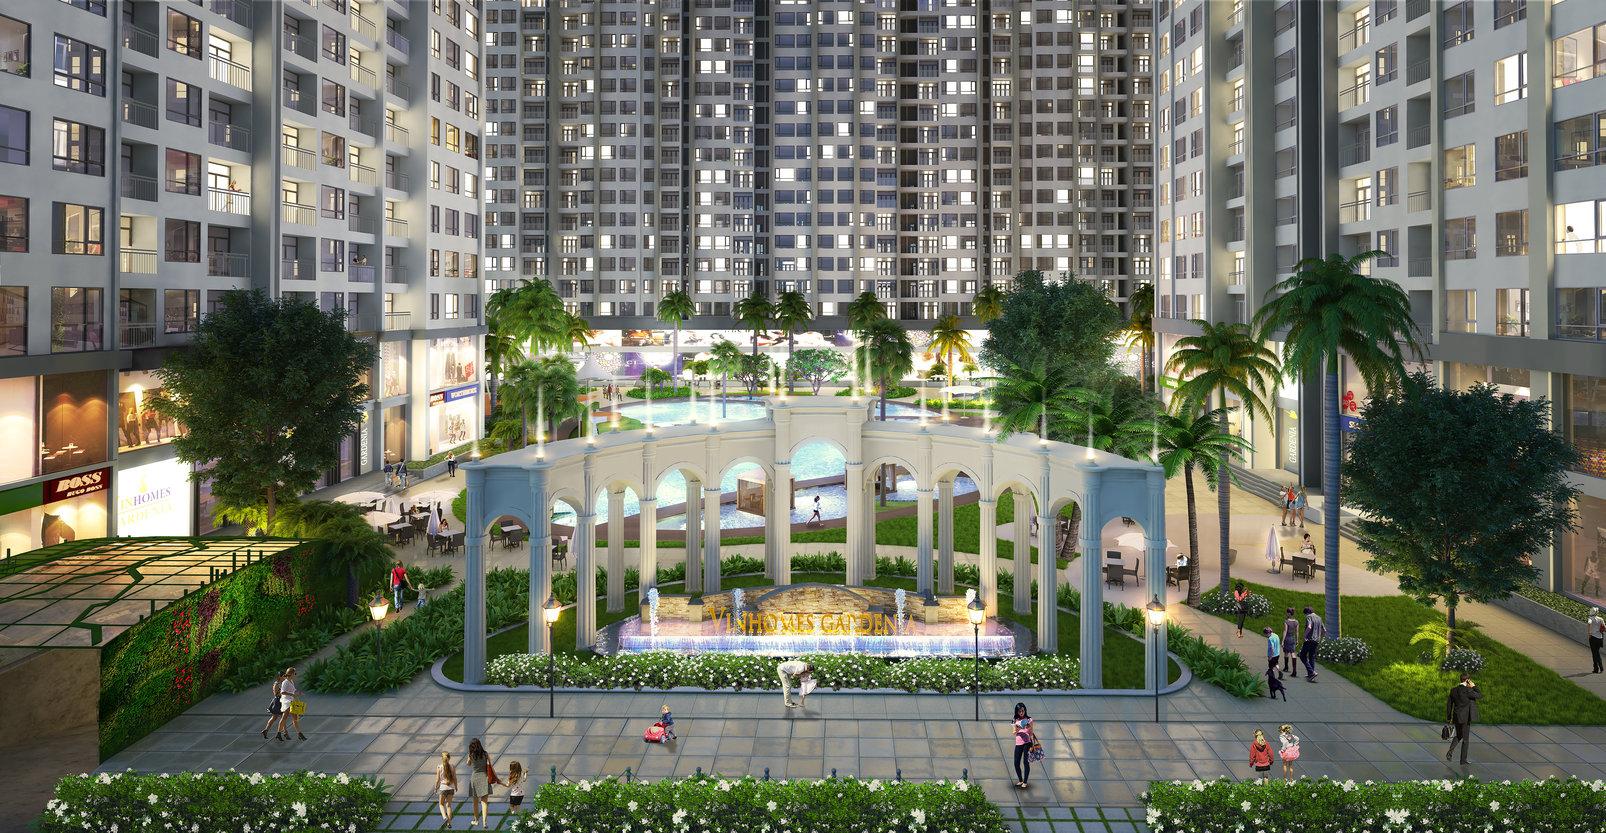 Chung cư Vinhomes Gardenia - Quảng trường trung tâm